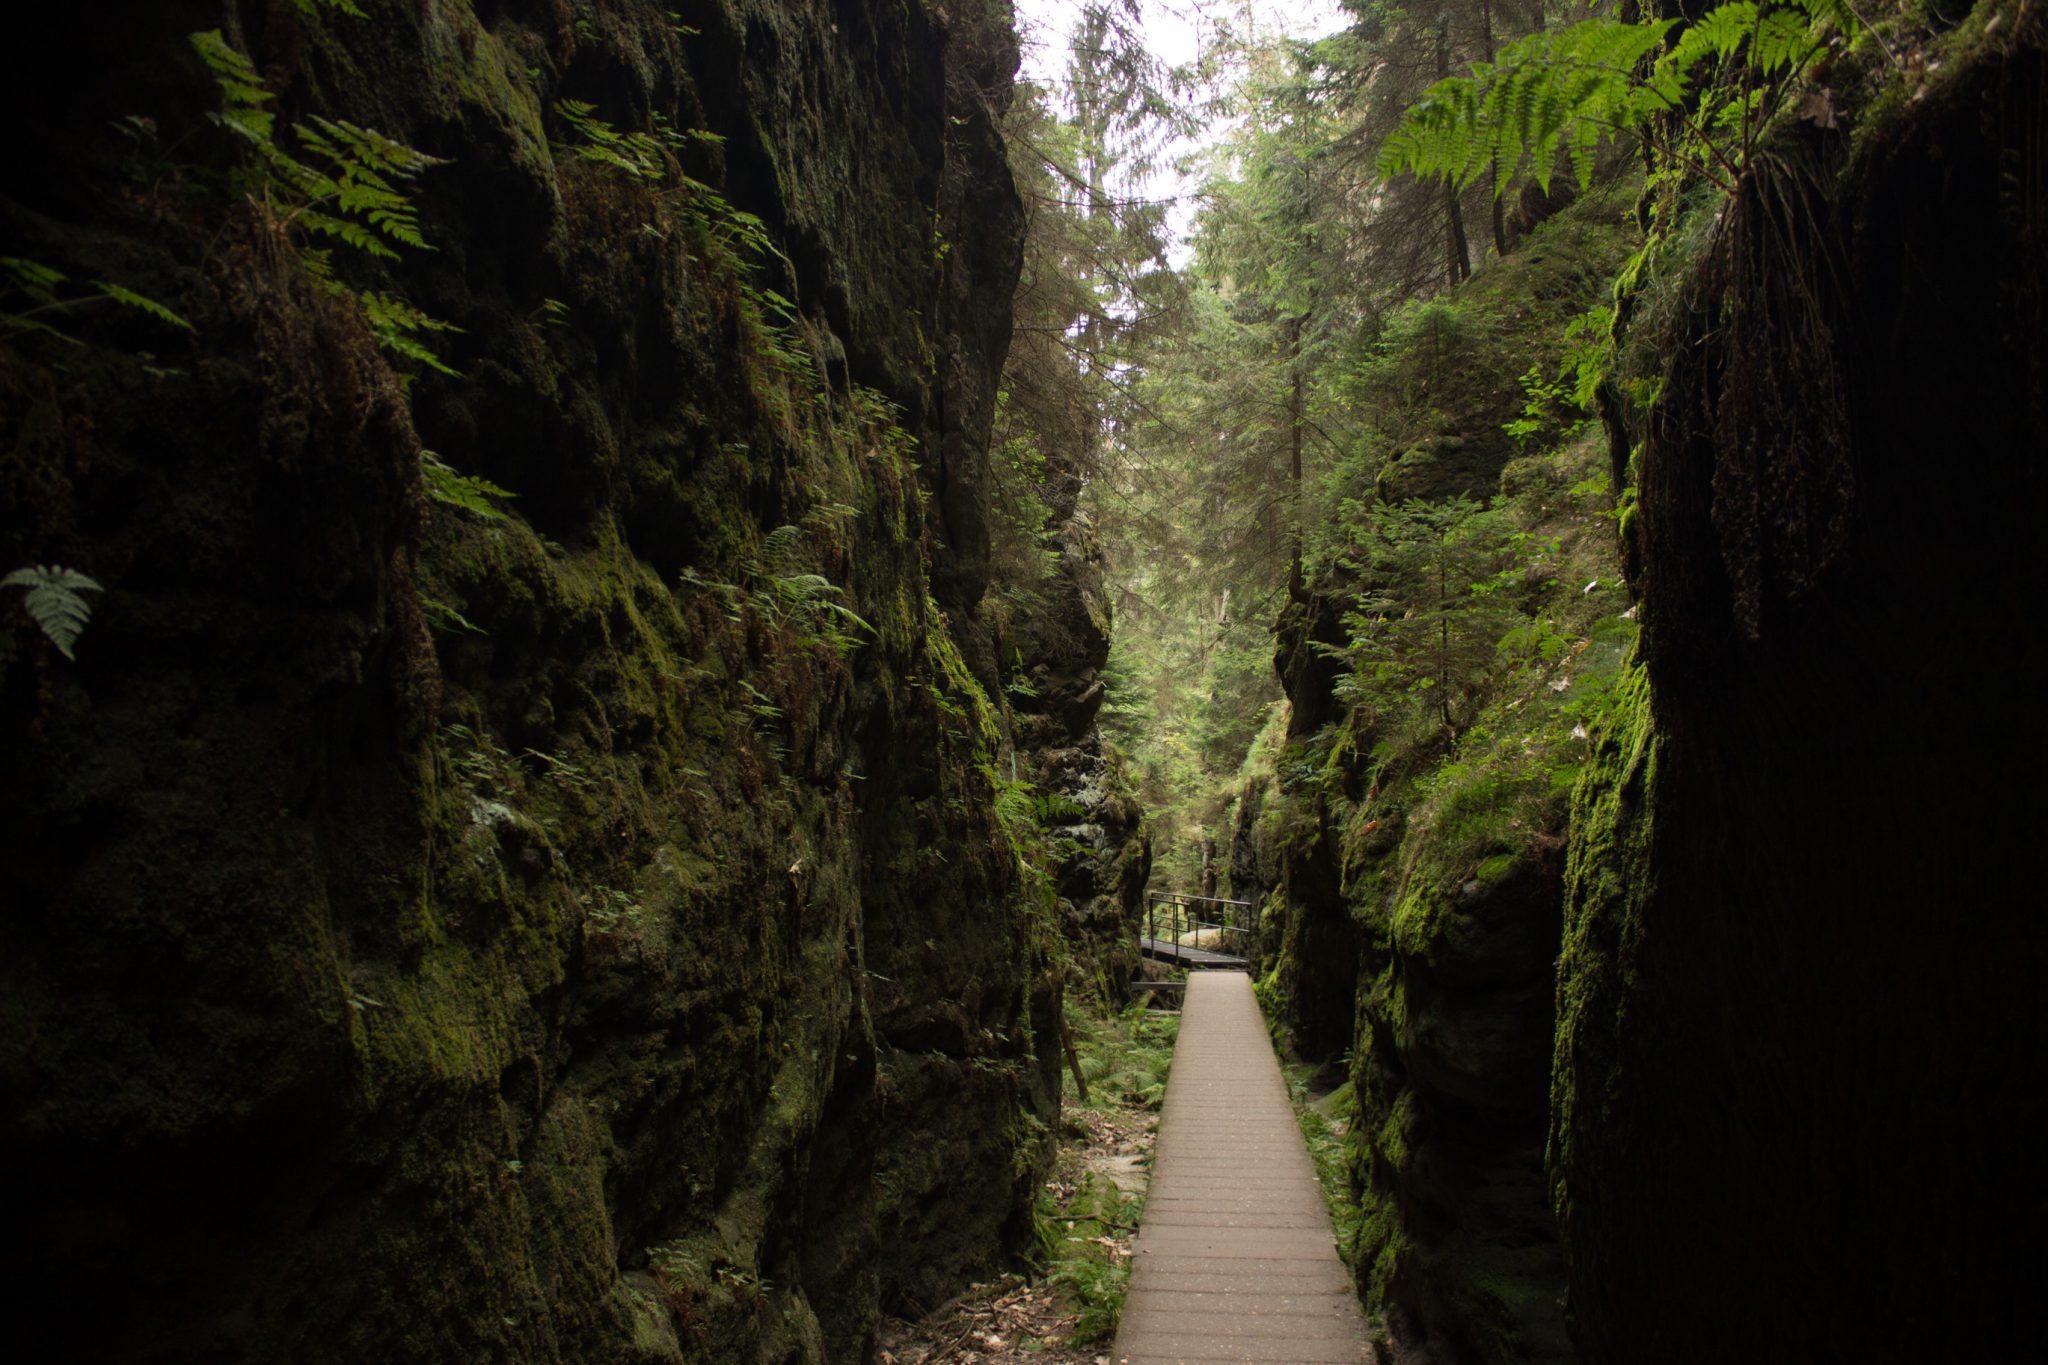 Wanderung durch Polenztal zur Bastei und zu Schwedenlöcher, Wanderweg durch die Schwedenlöcher, schmale Pfade entlang moosbewachsener Felsen, steile und schmale Treppen durch schönen Wald